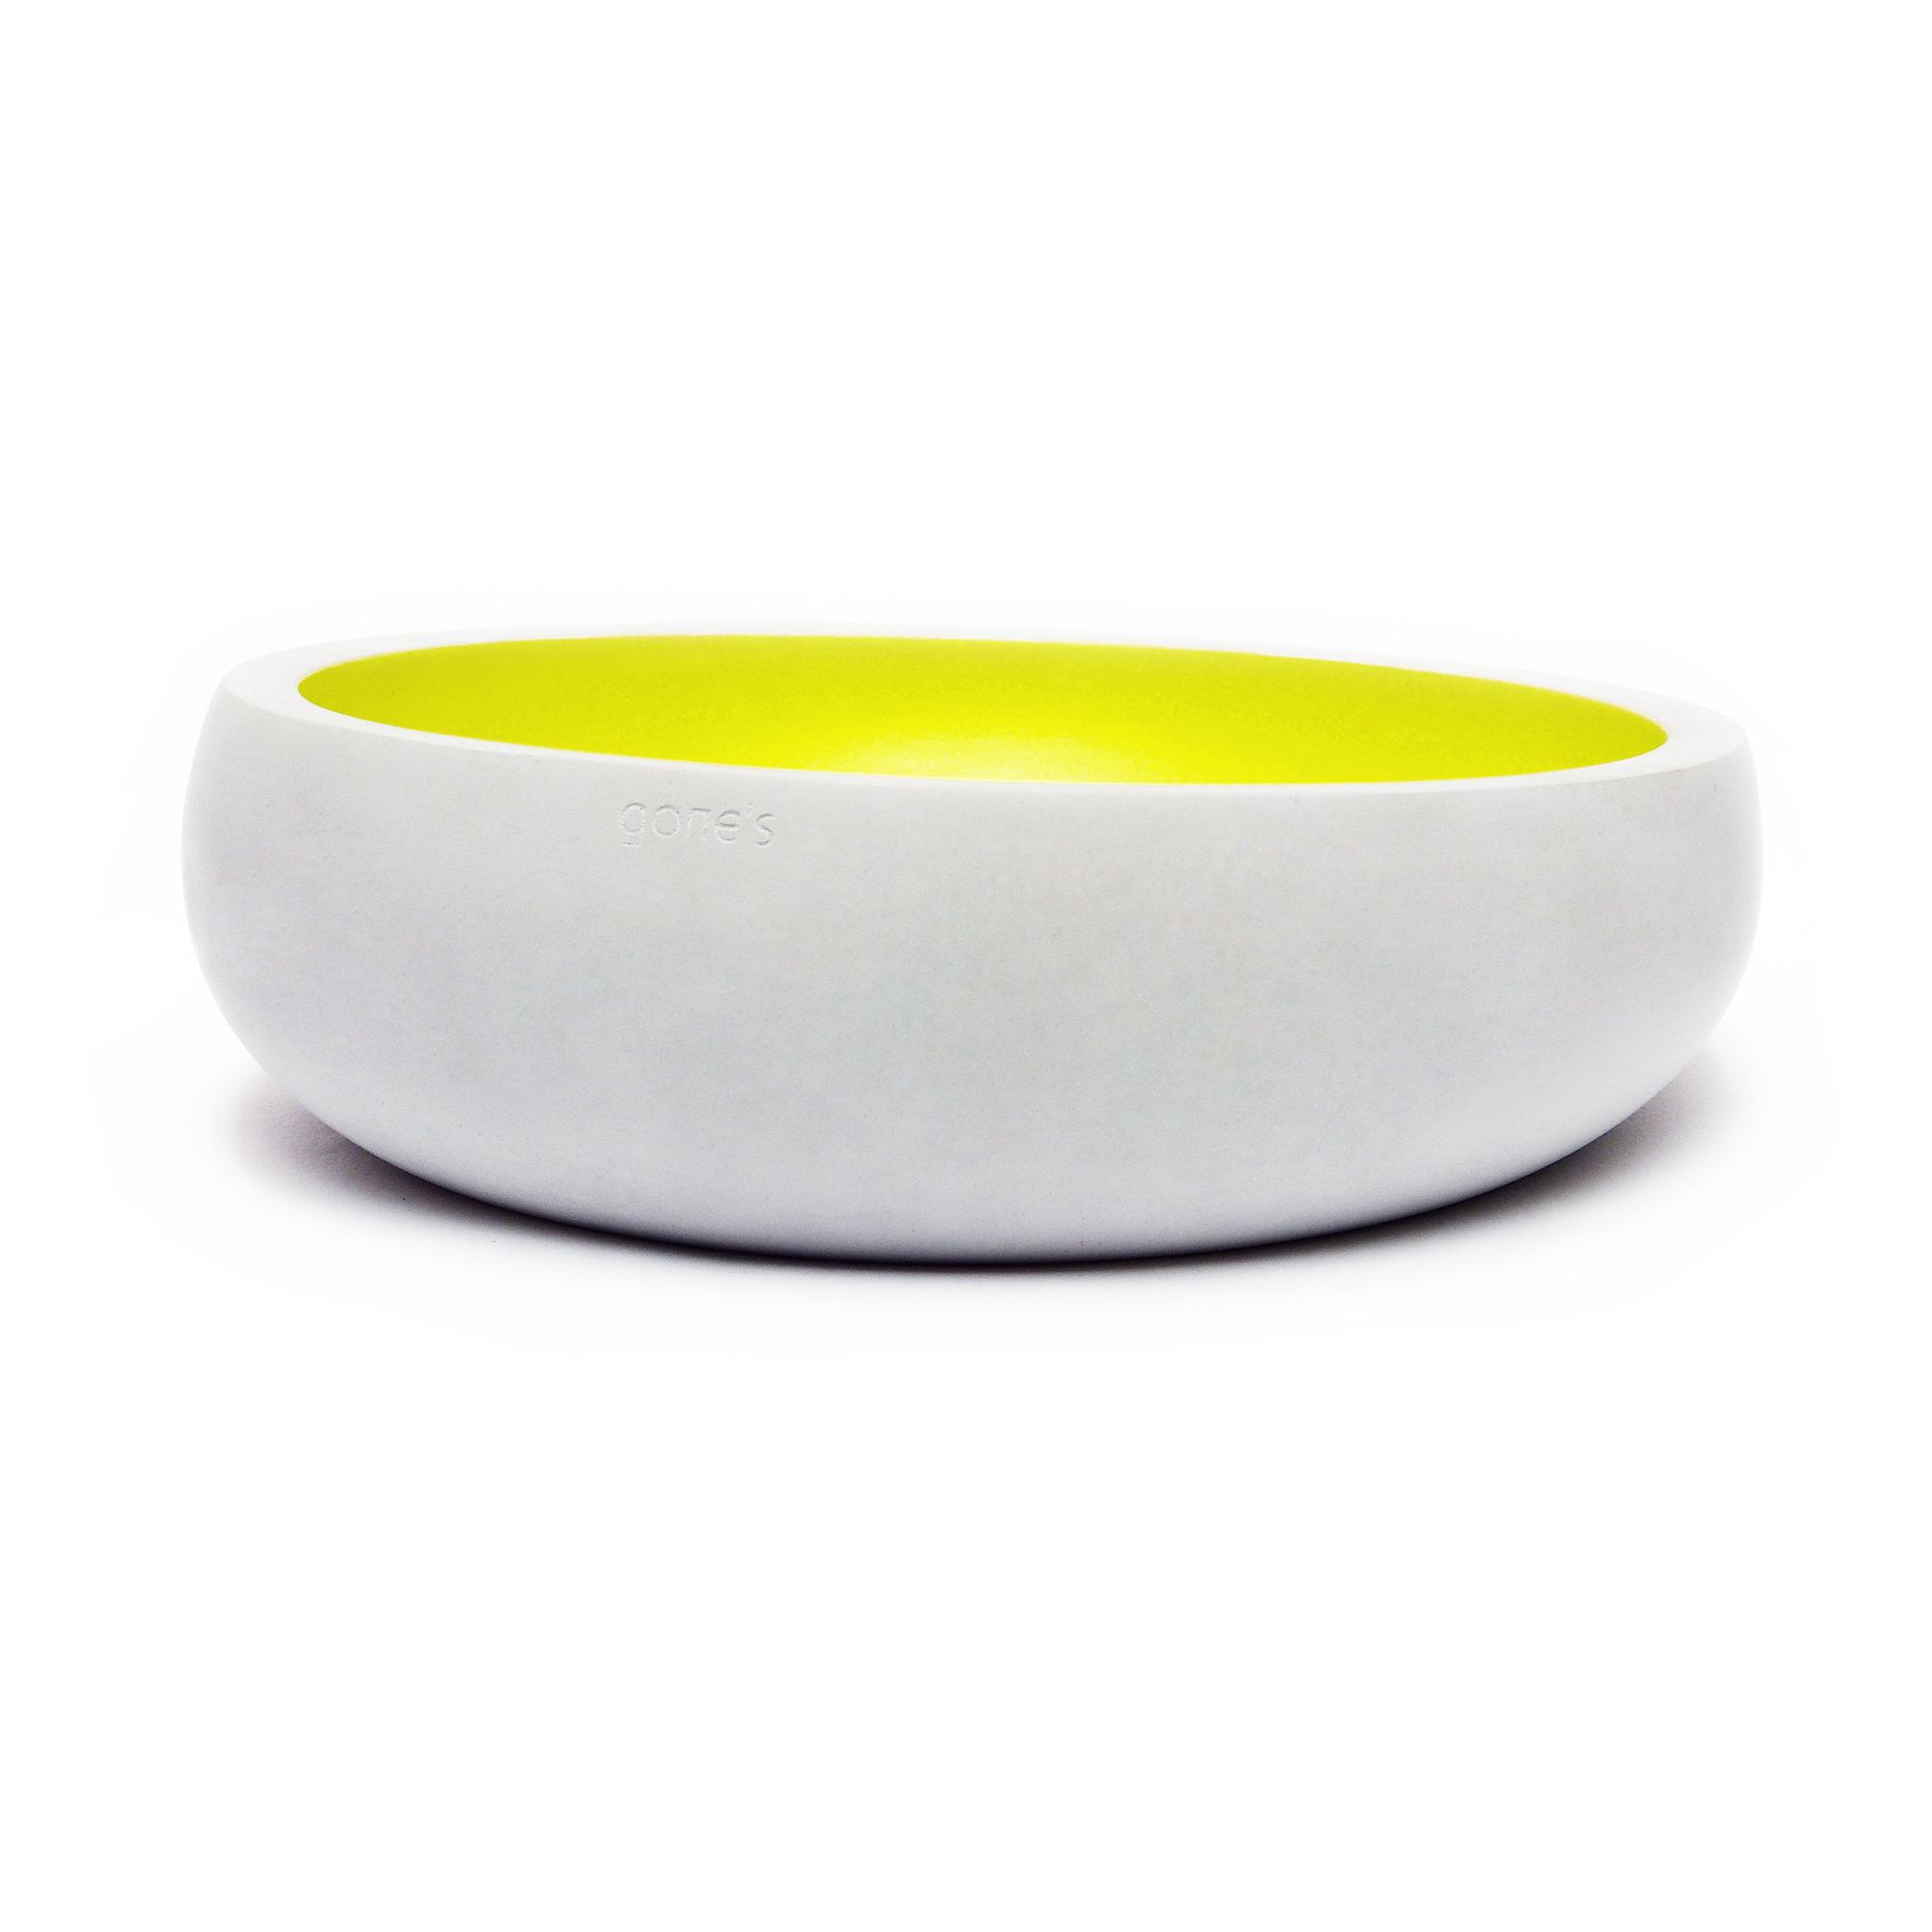 法国原产gone's 矿物大号装饰烛台摆件 1个装 黄色